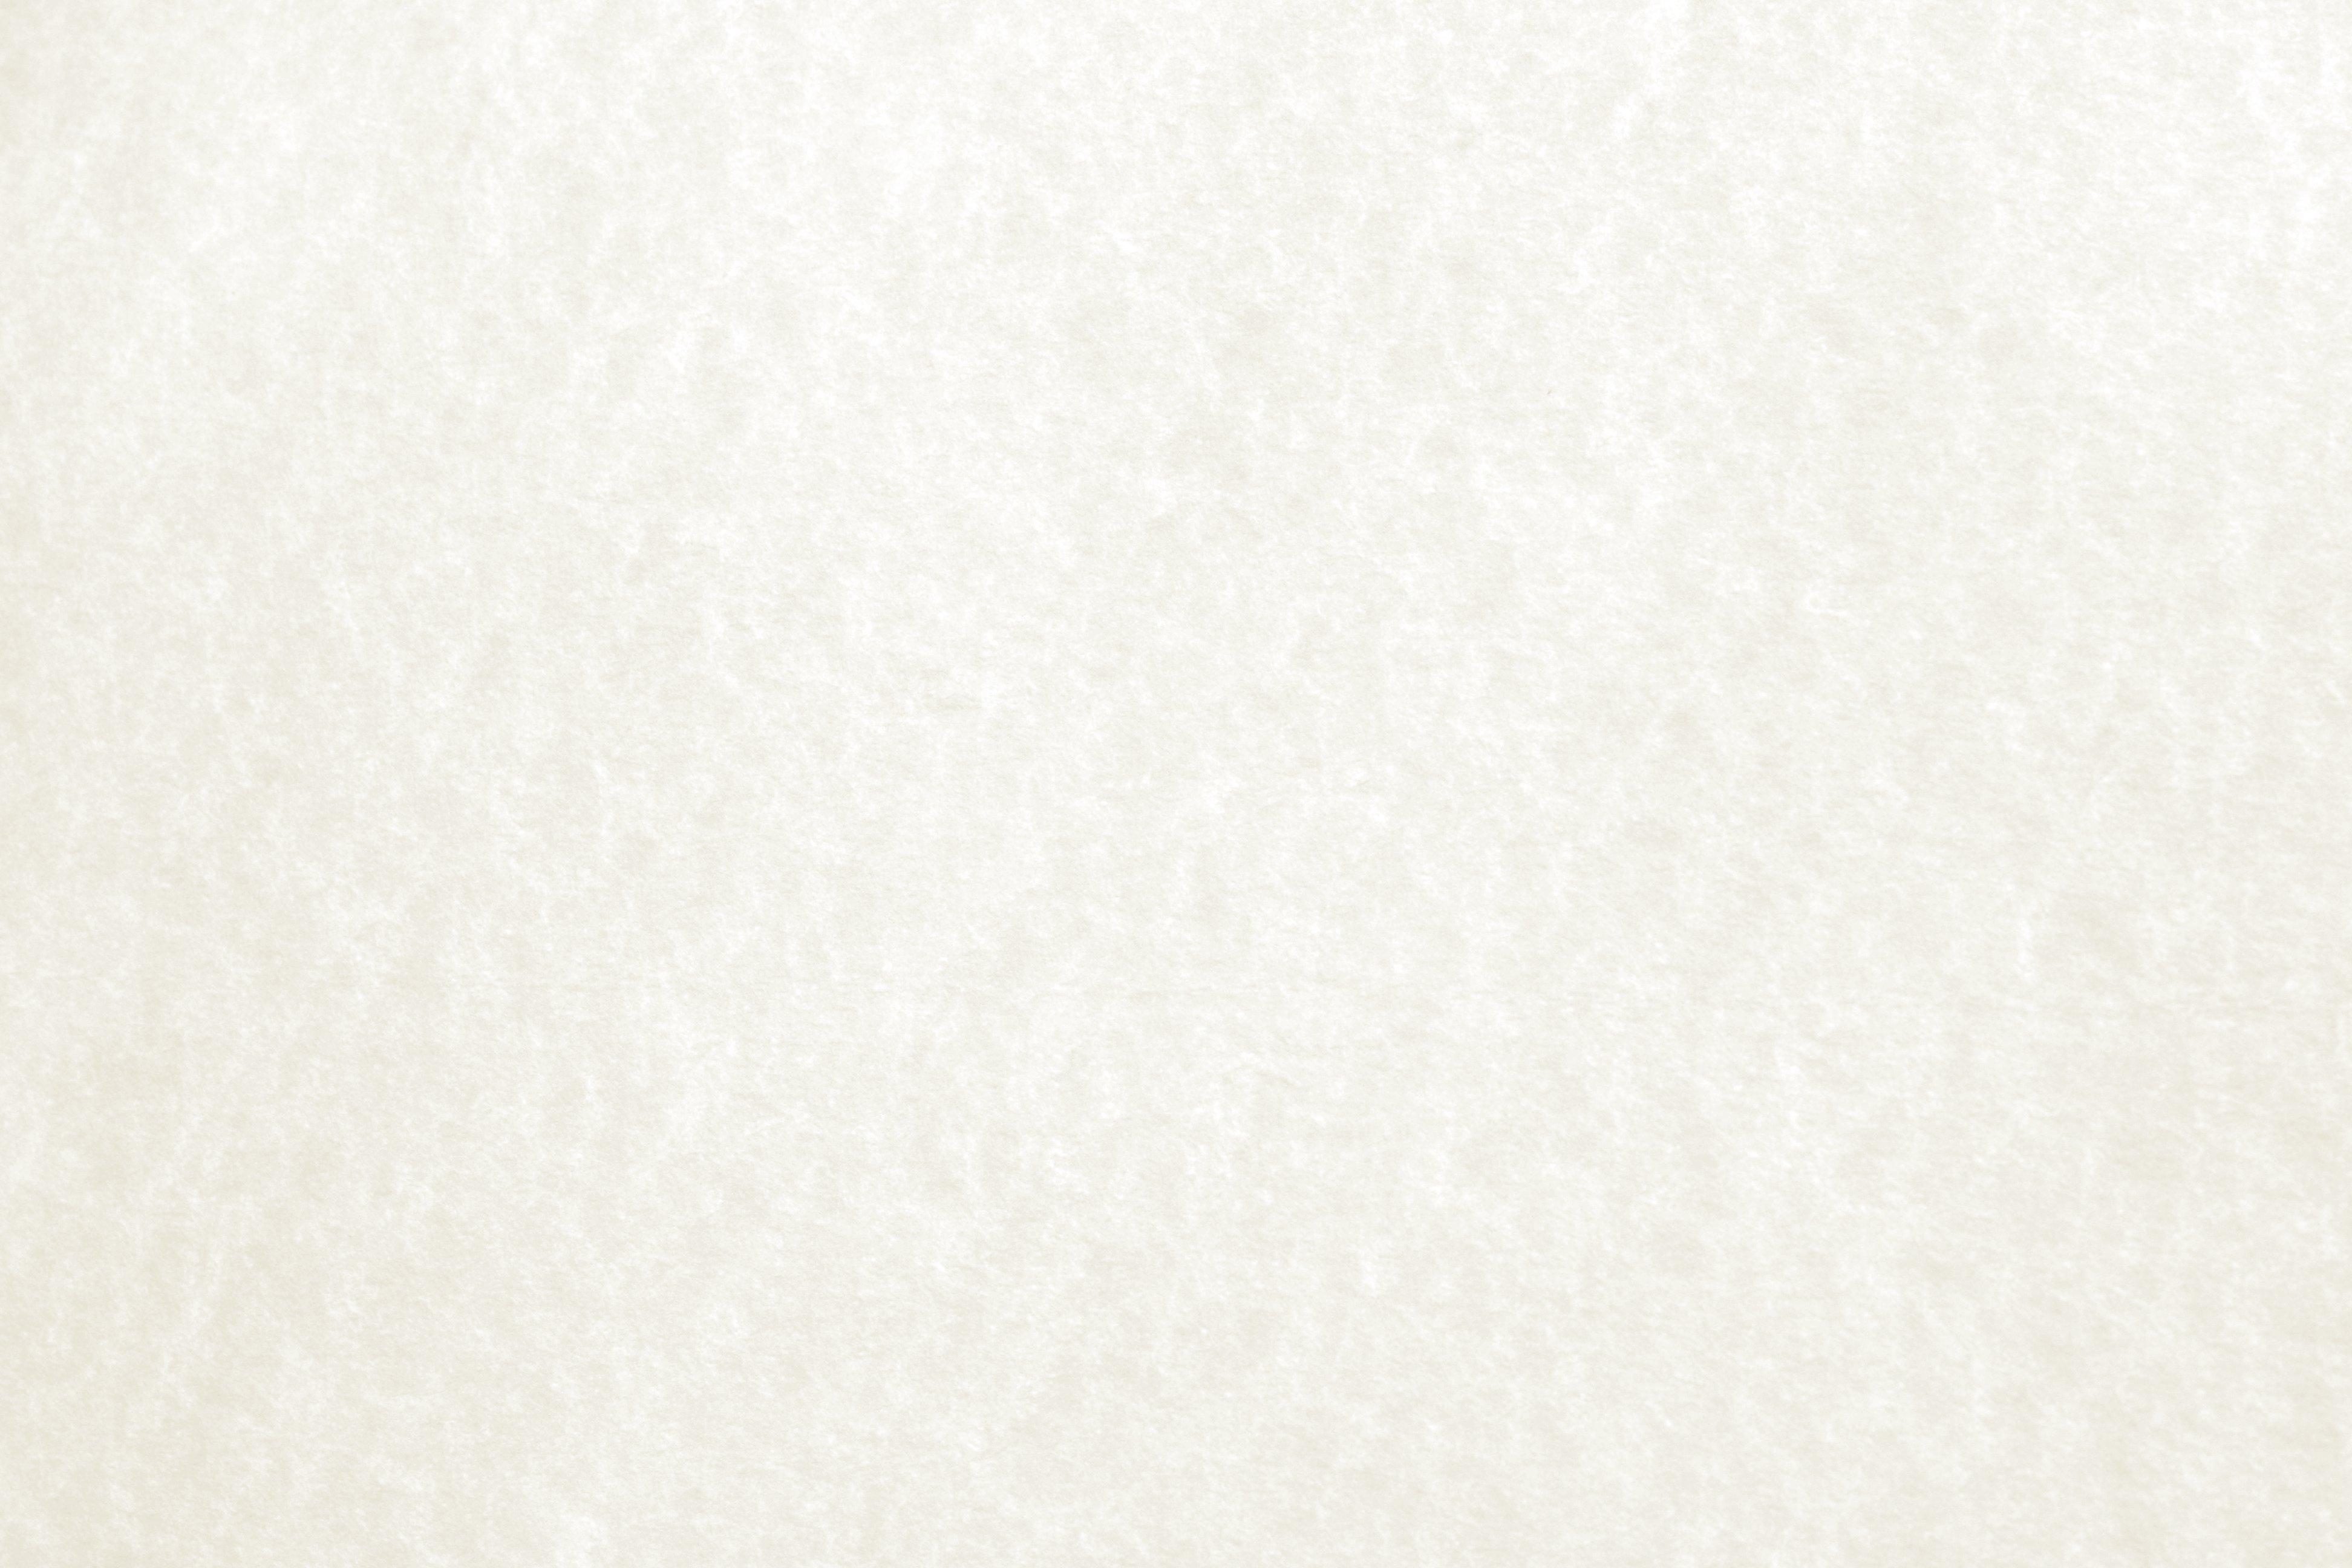 White Parchment Paper Texture Picture